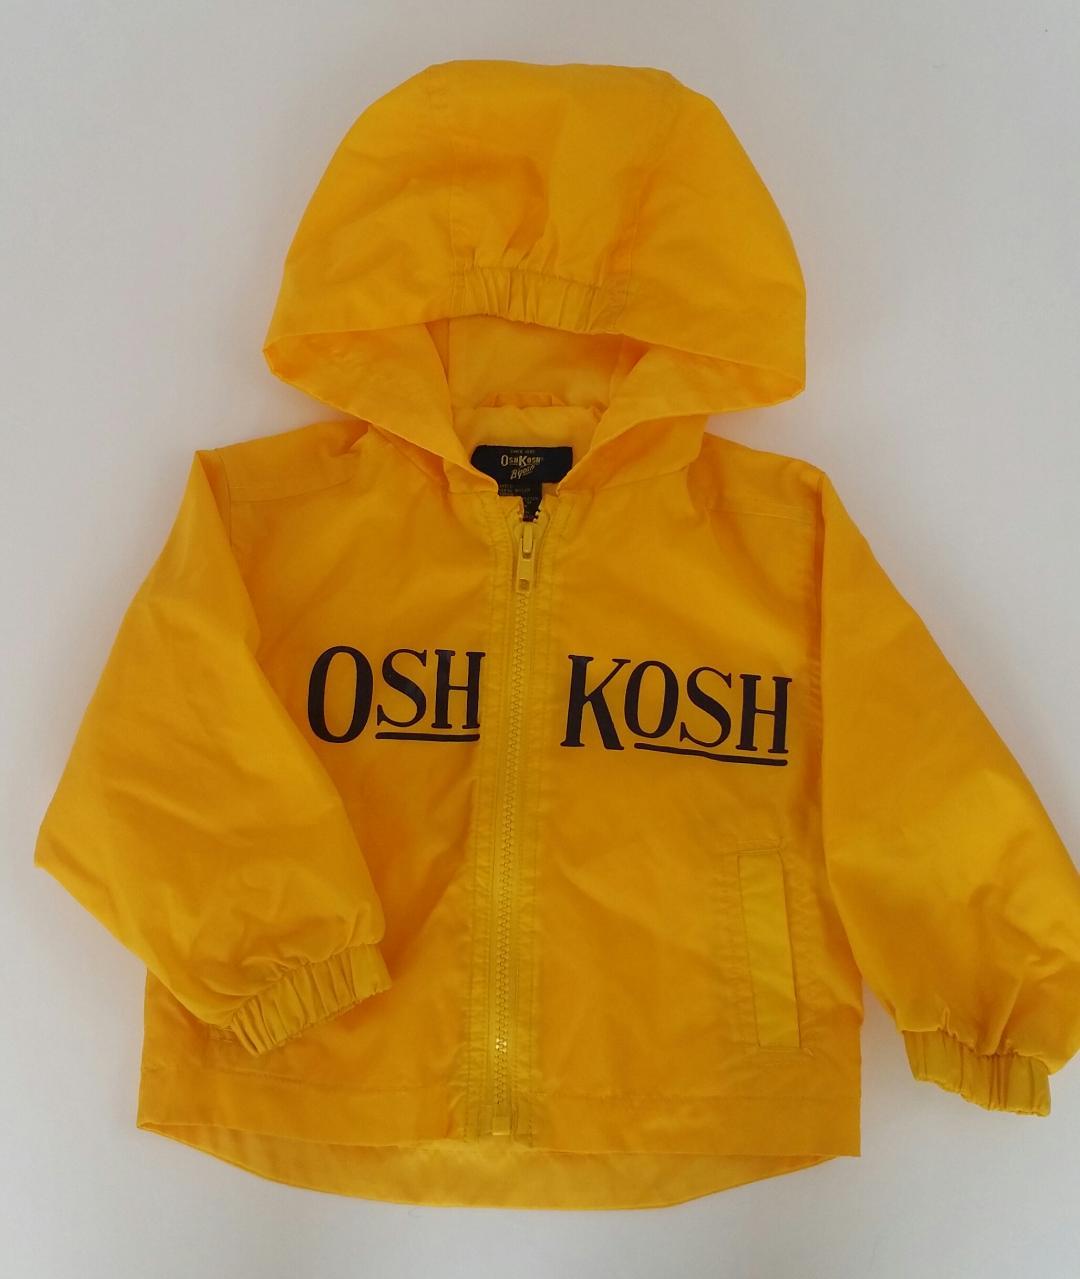 Oshkosh-BGosh-18-24-MONTHS-Nylon-Jacket_2147473A.jpg